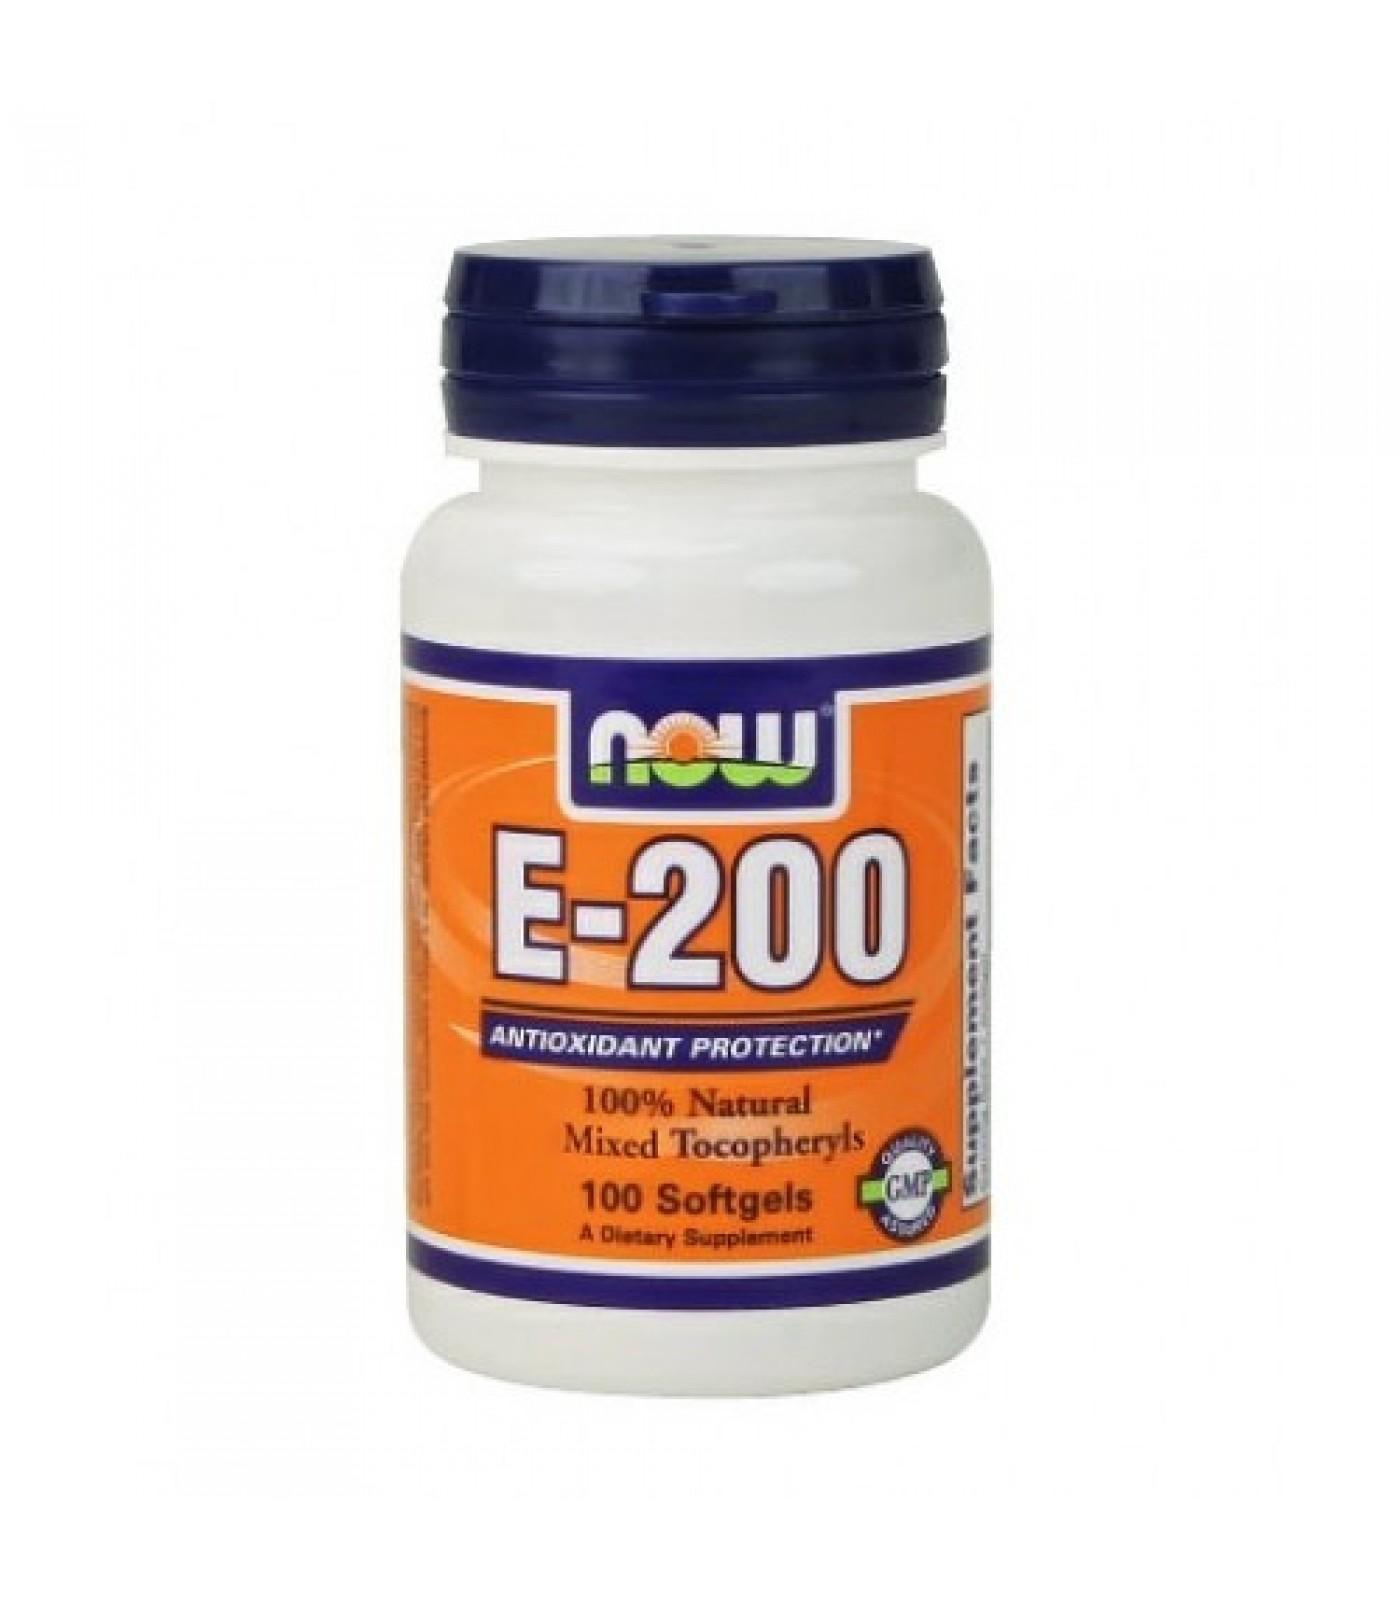 NOW - Vitamin E-200 IU (Mixed Tocopherols) / 100 Softgels